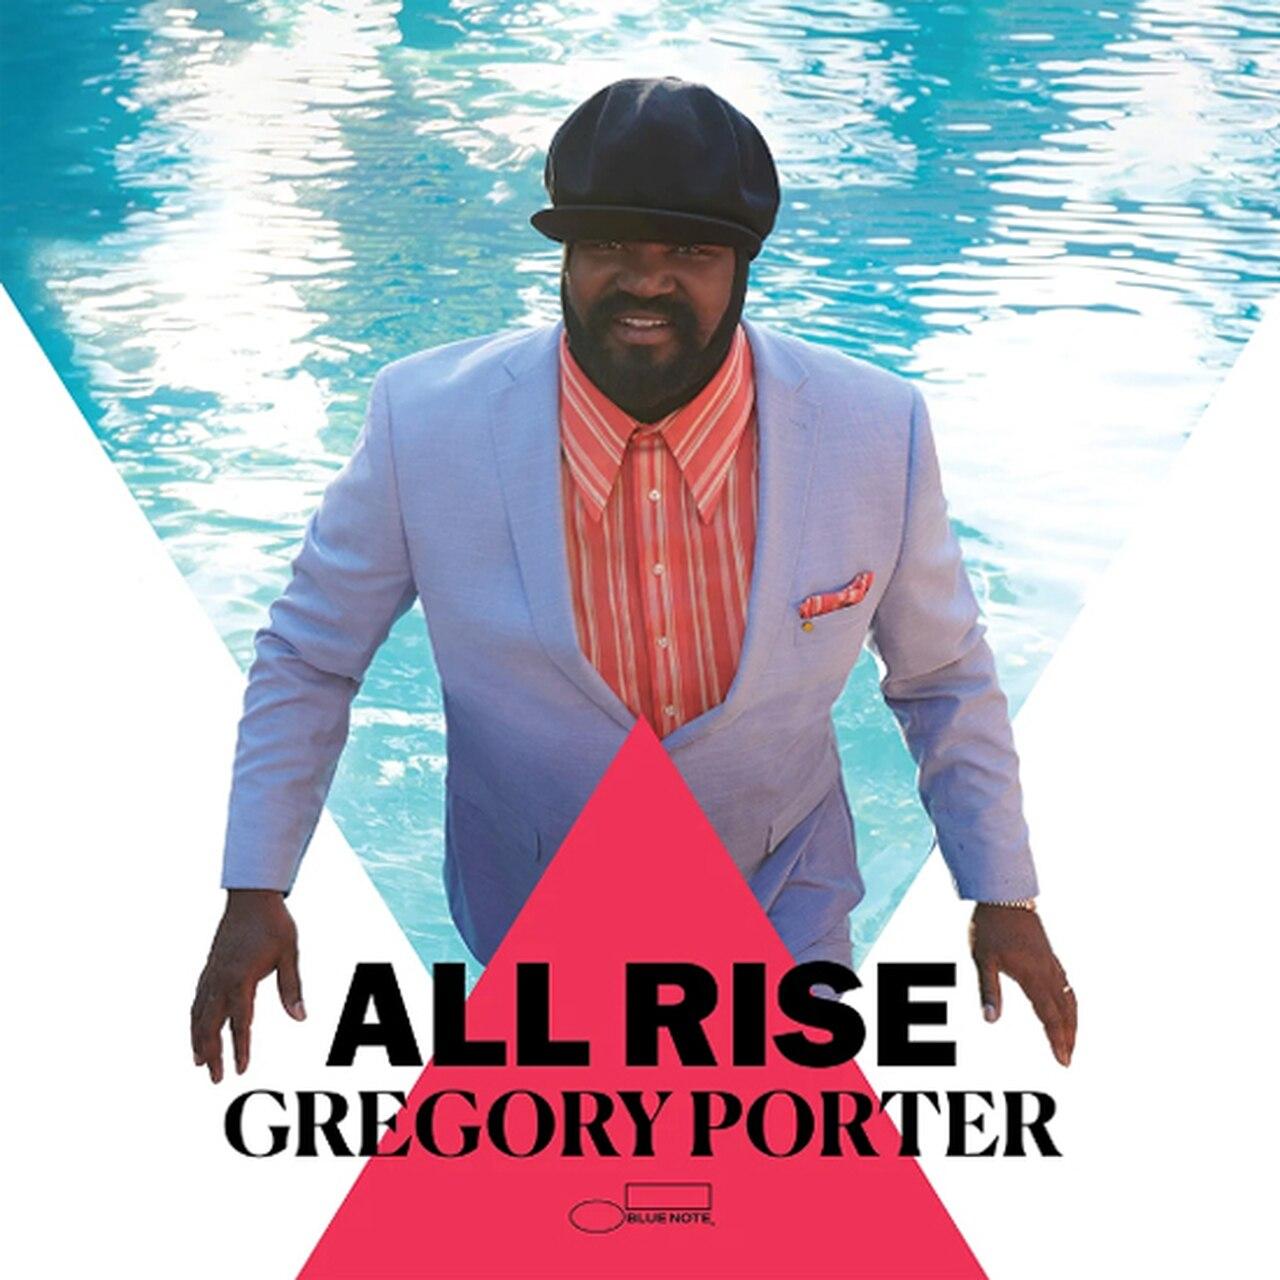 Gregory Porter - All Rise [LTD 2xLP] (Coloured vinyl)